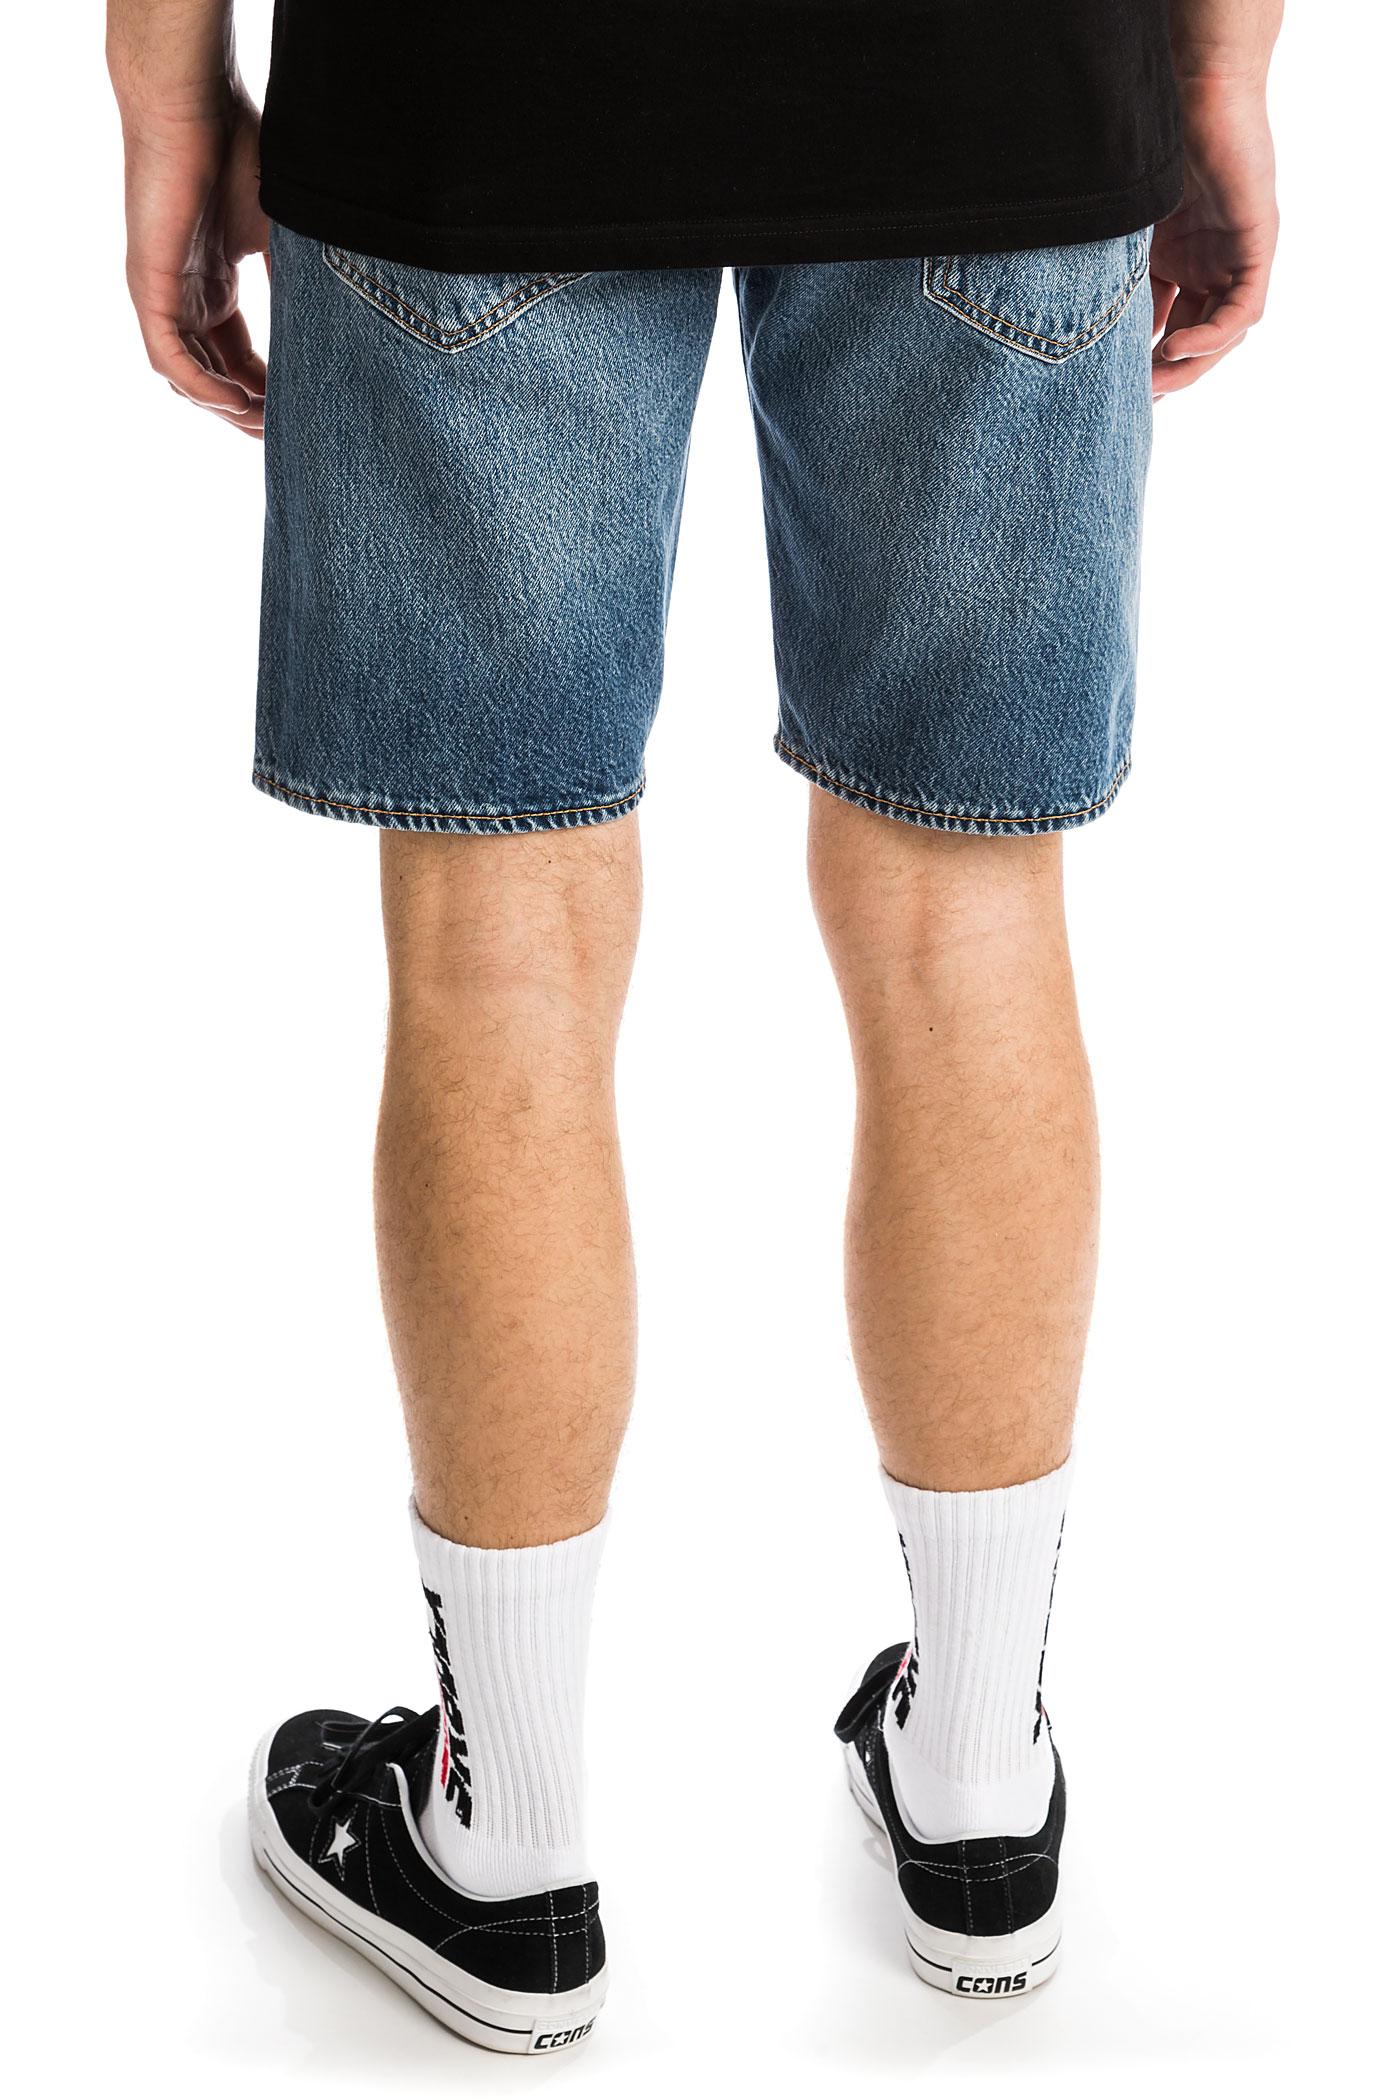 Skate Hemmed Shortspeanut Butter Levi's 501 nkP8O0w